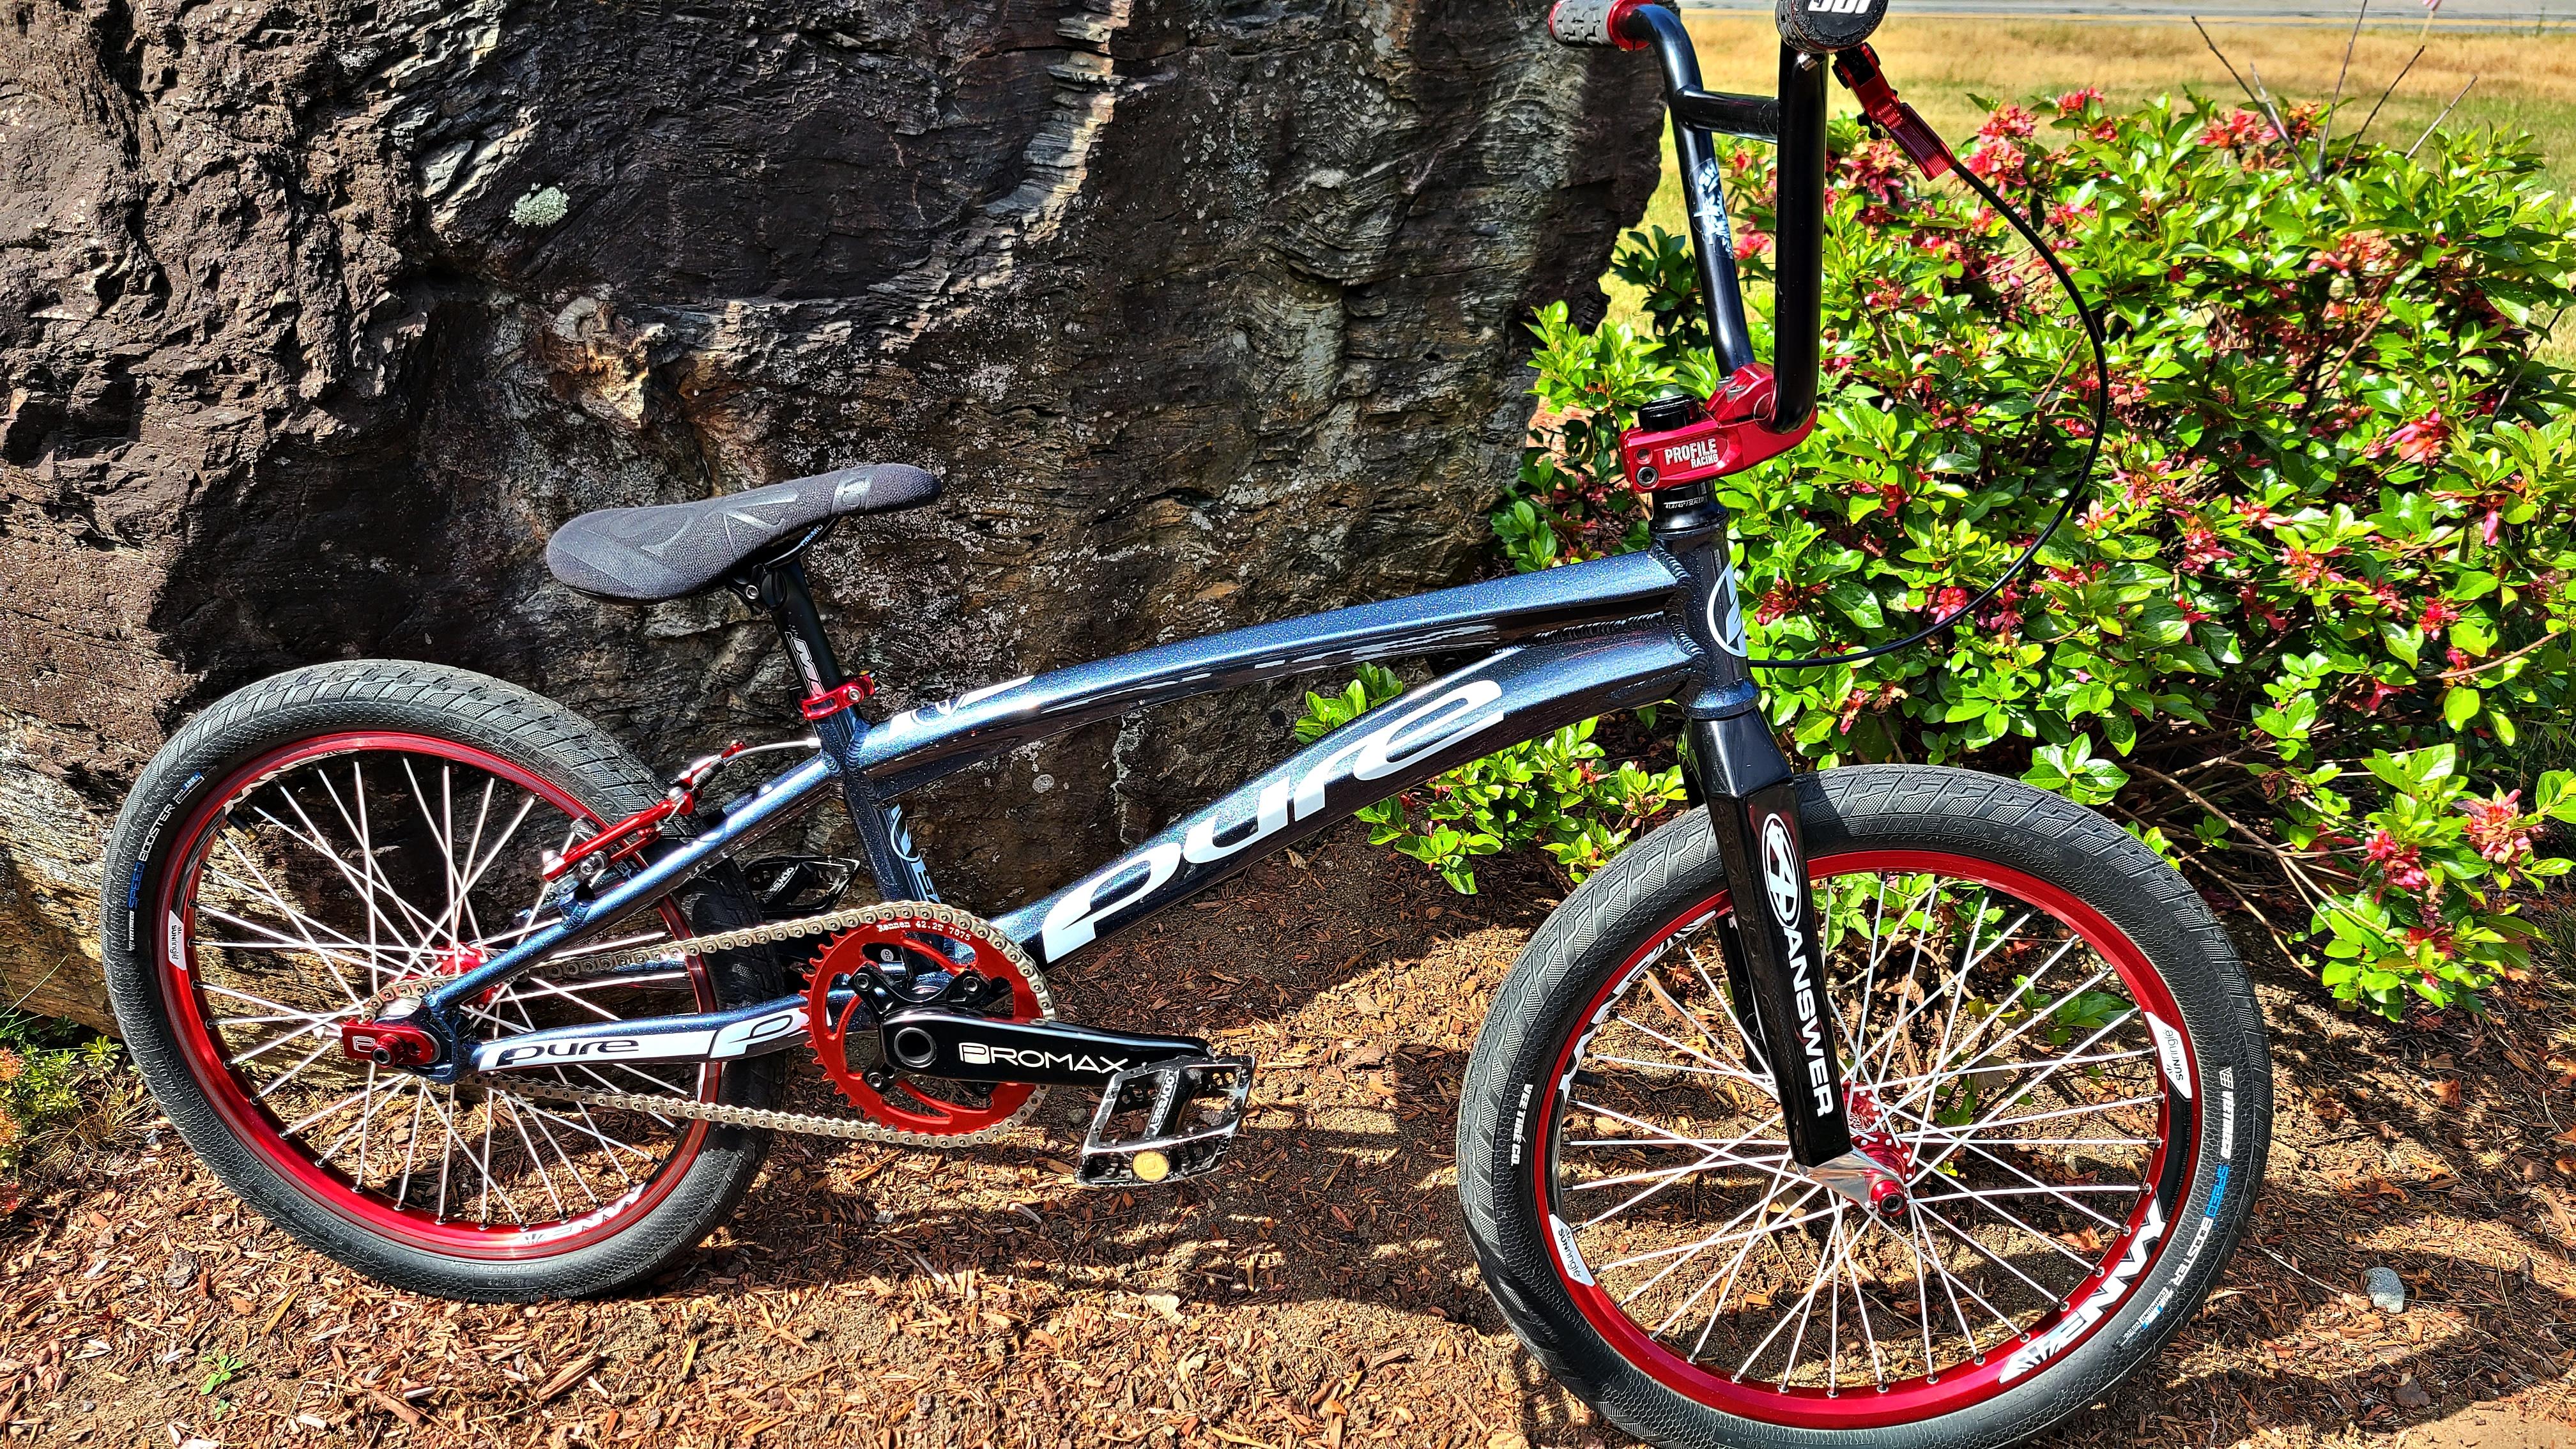 pure bmx bike